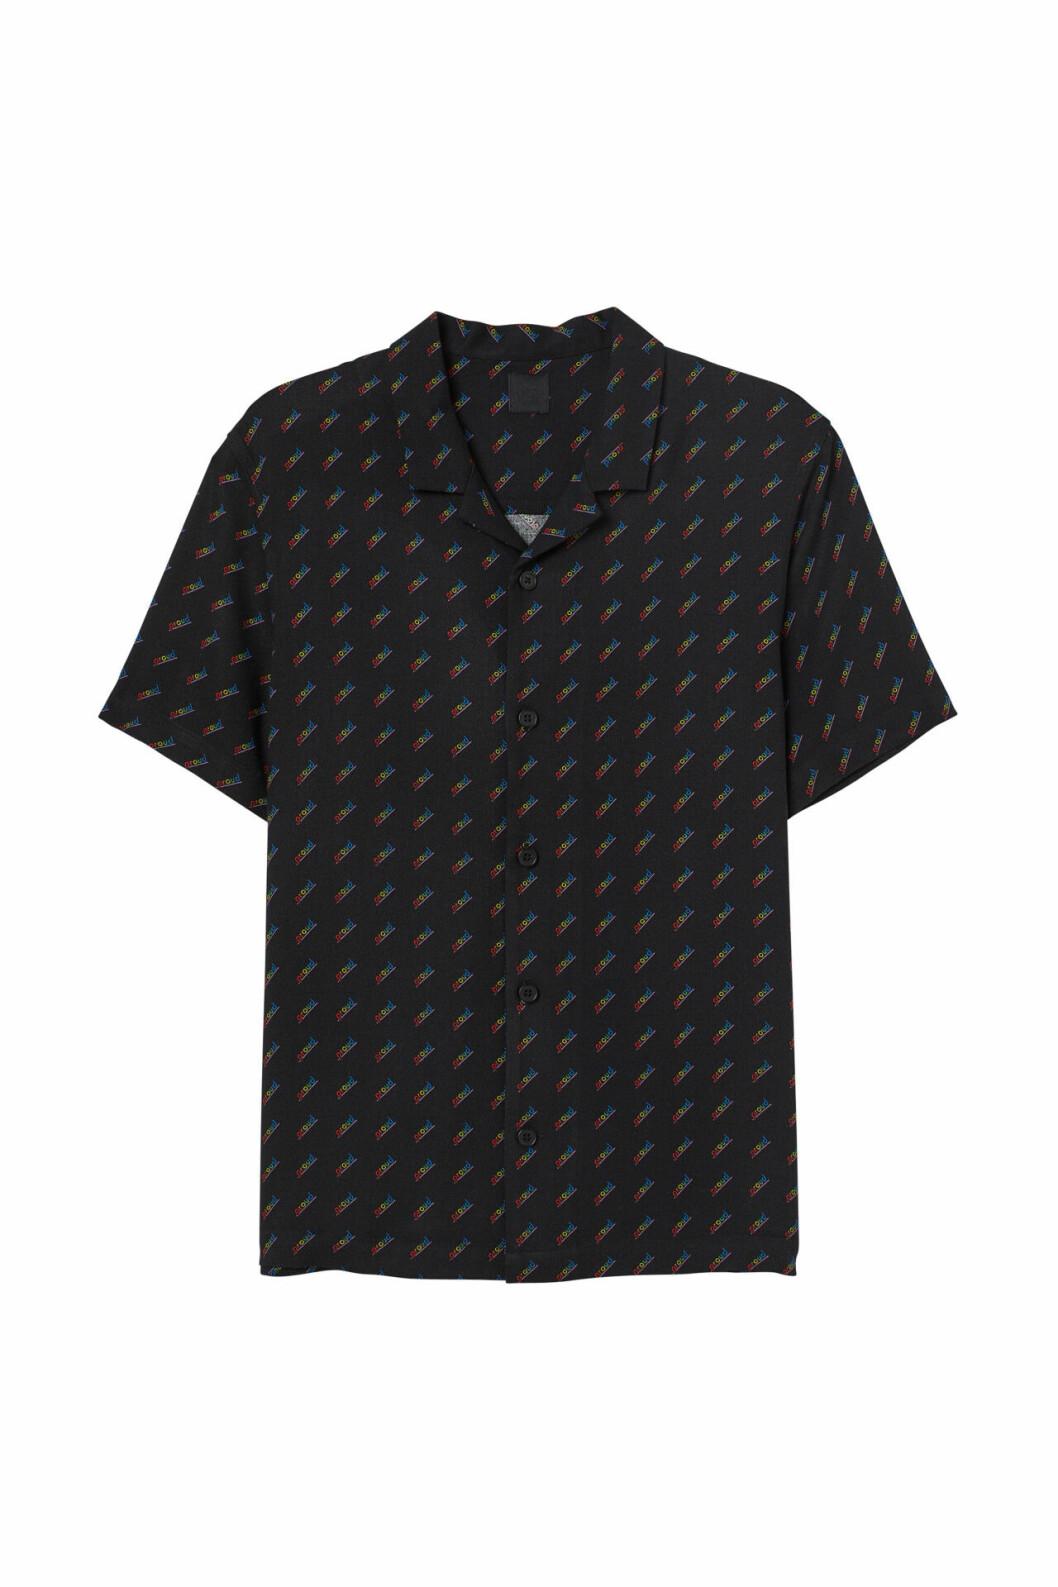 H&M släpper Pridekollektion för 2019 – svart skjorta med tryck